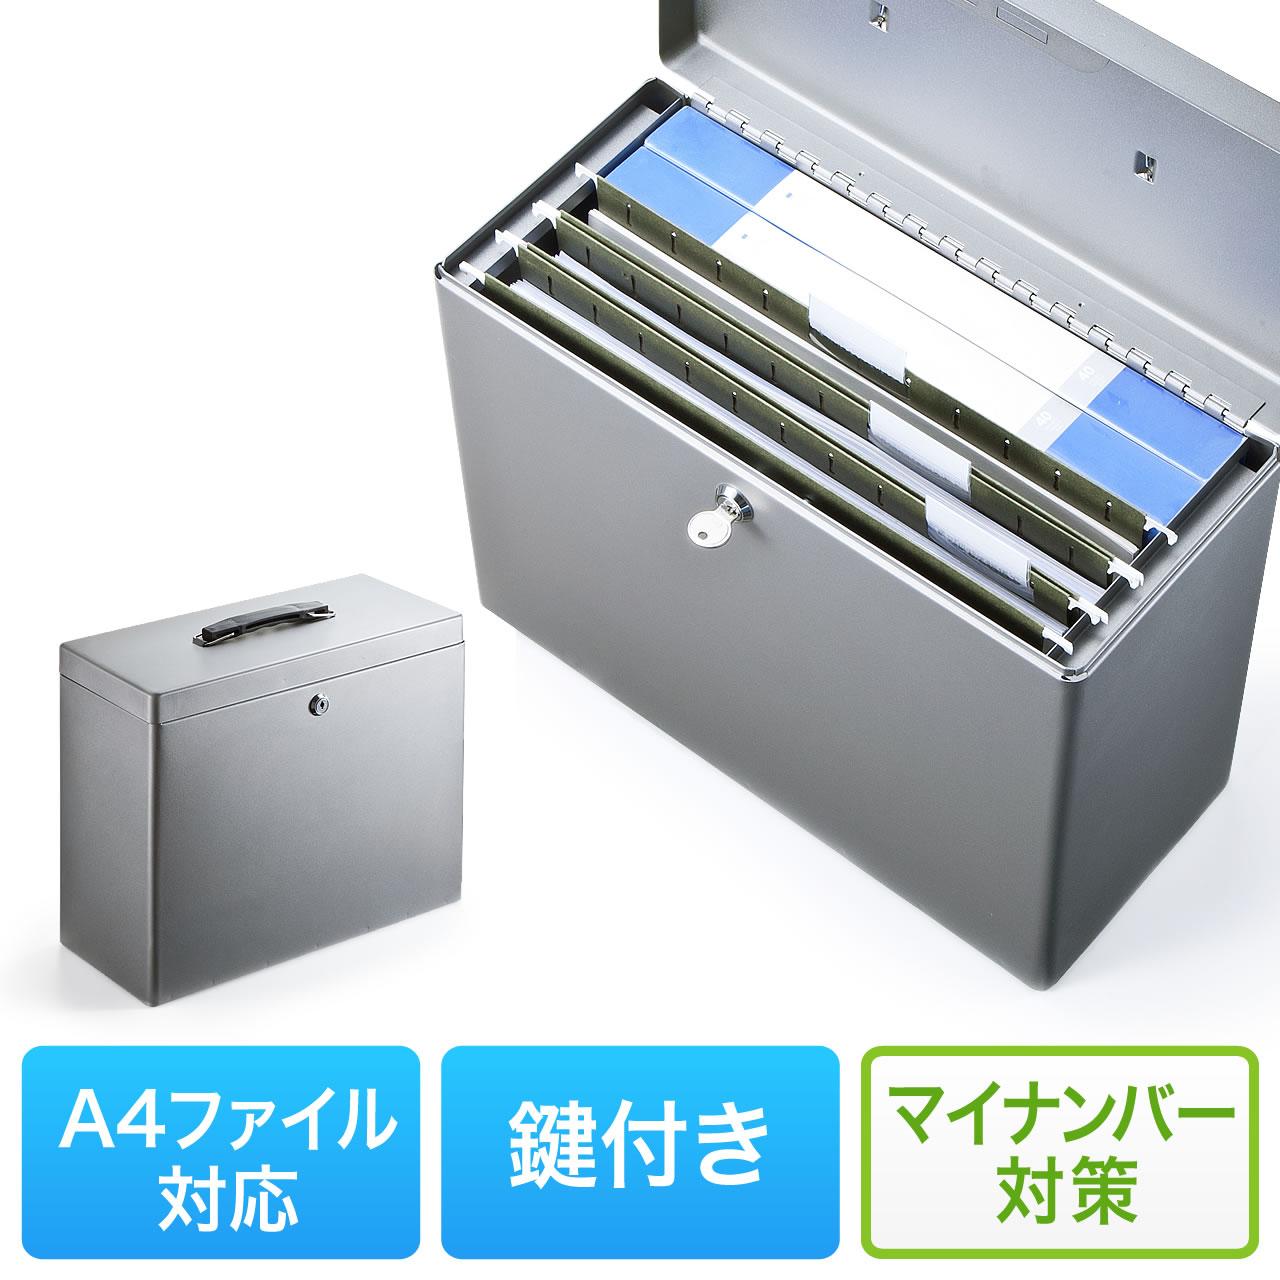 無印のファイルボックス。 ハーフサイズ。 image